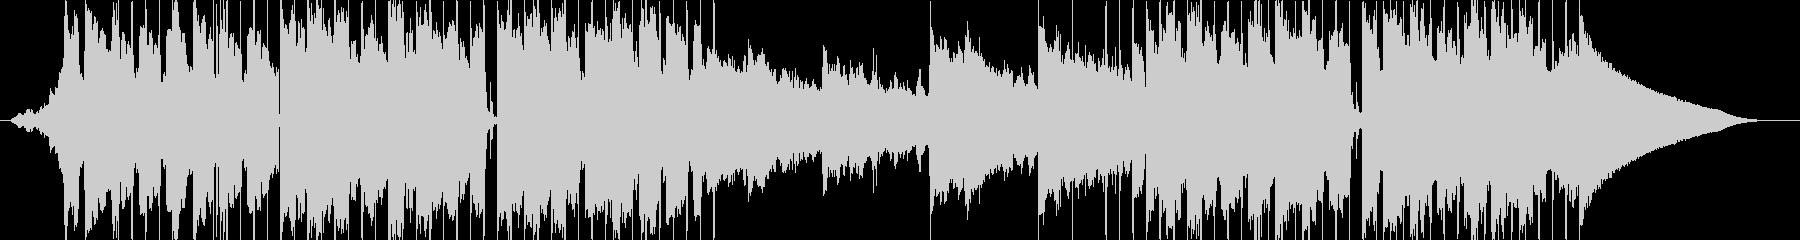 クールでシンプルな曲の未再生の波形